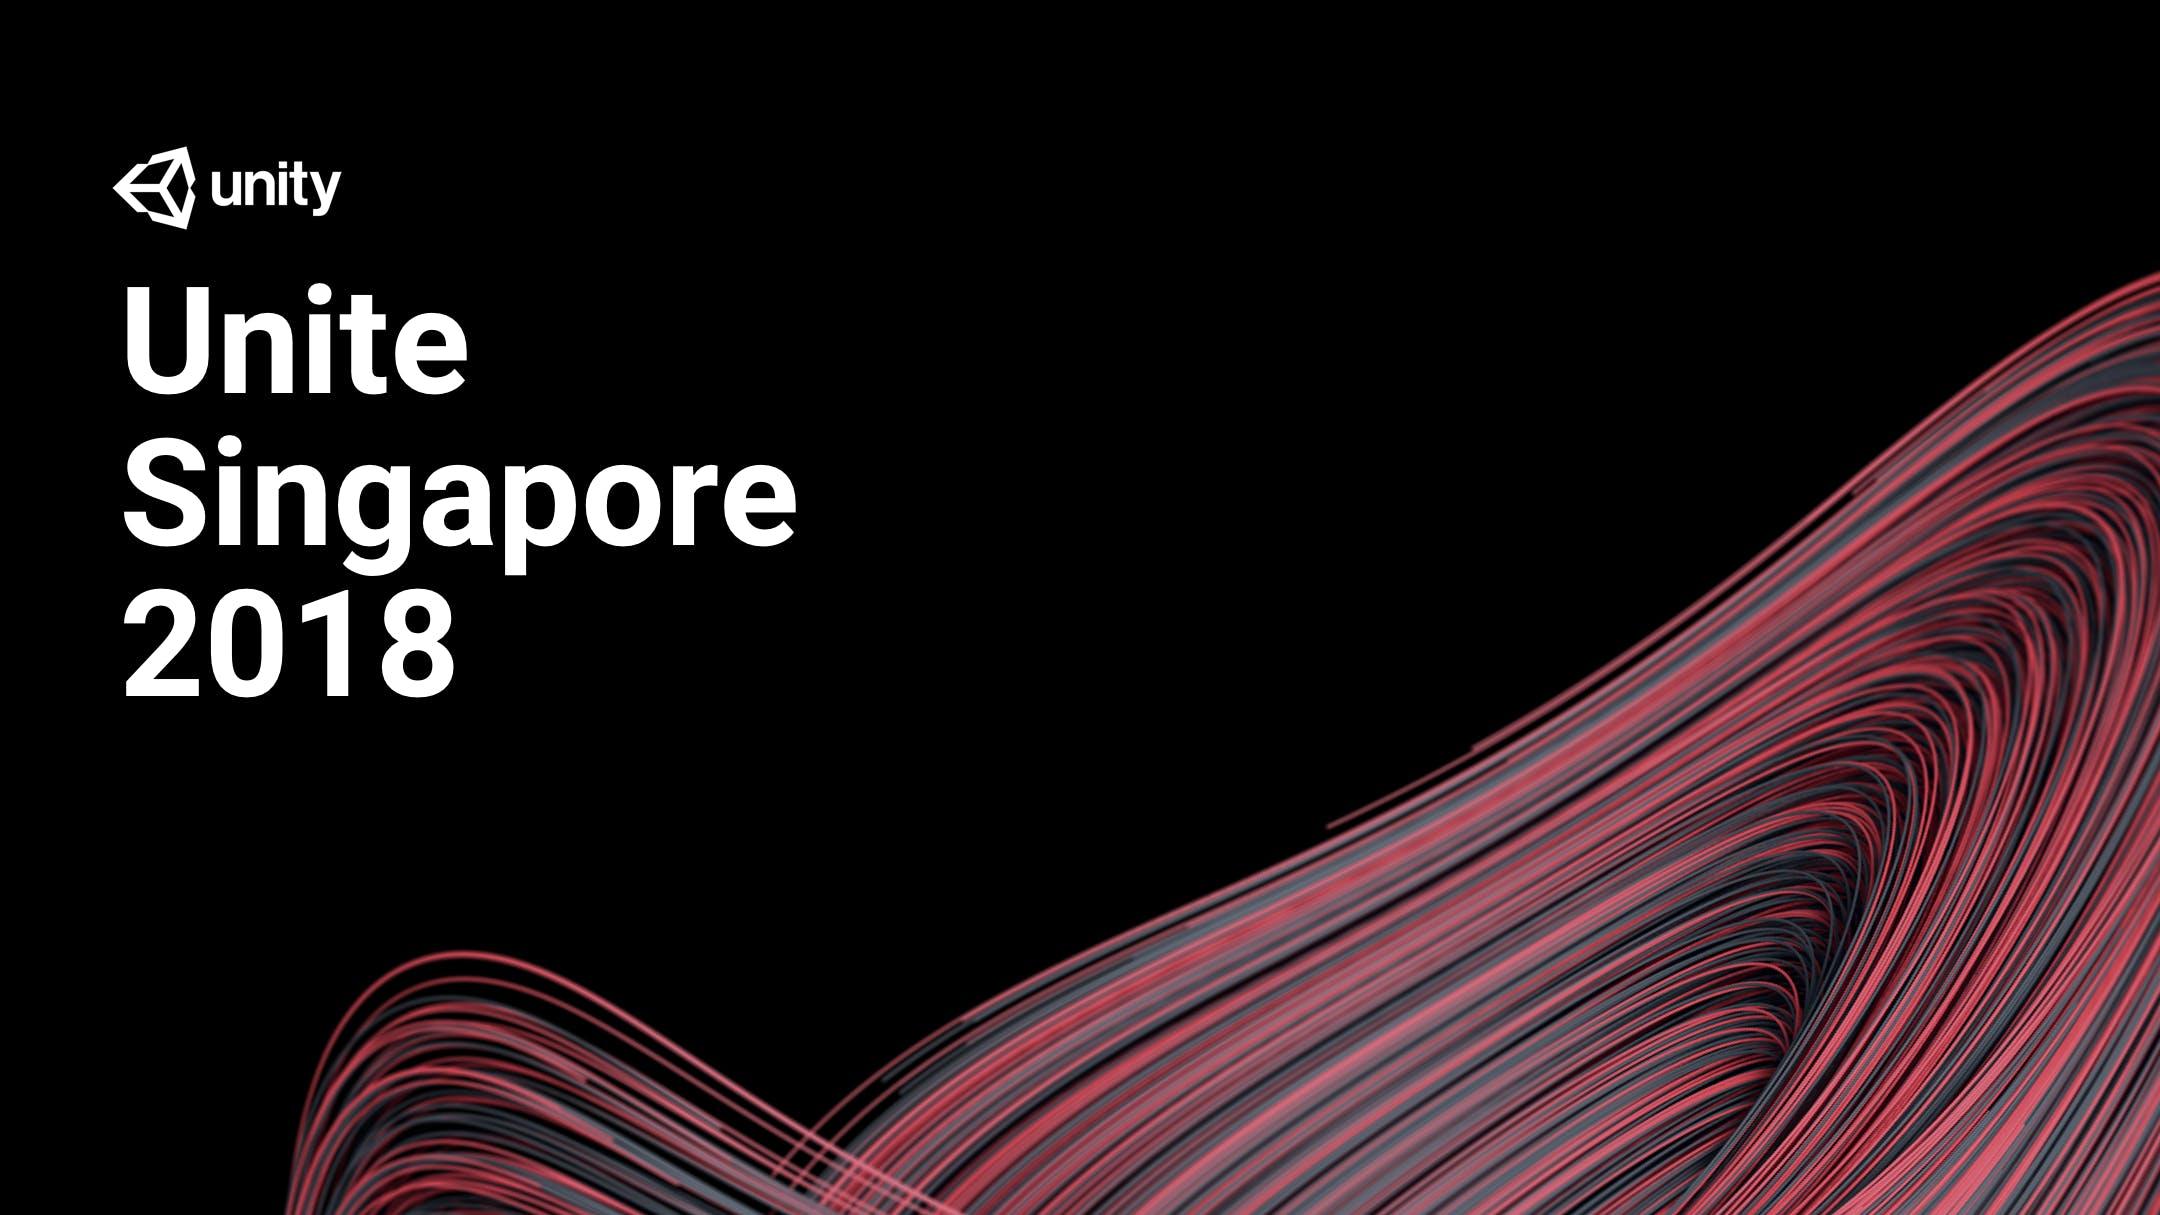 Unite Singapore 2018